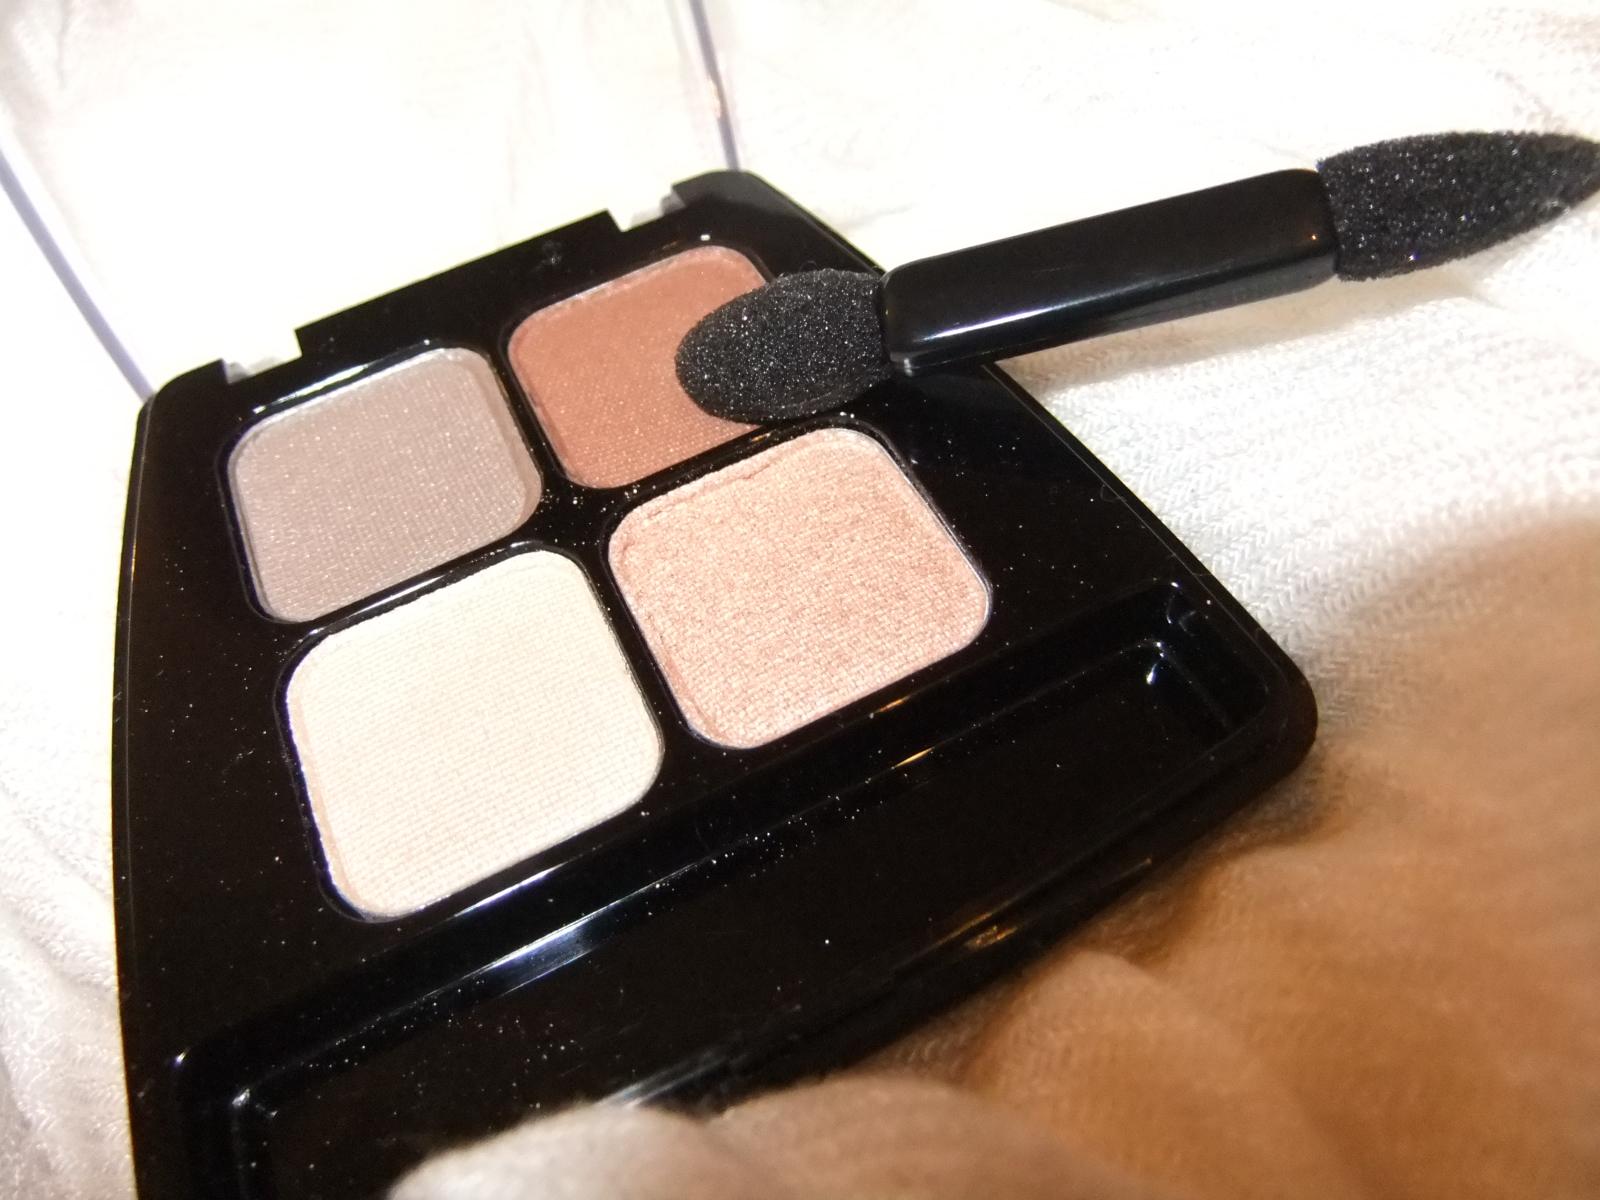 Oak Store Maquilhagem Make Up